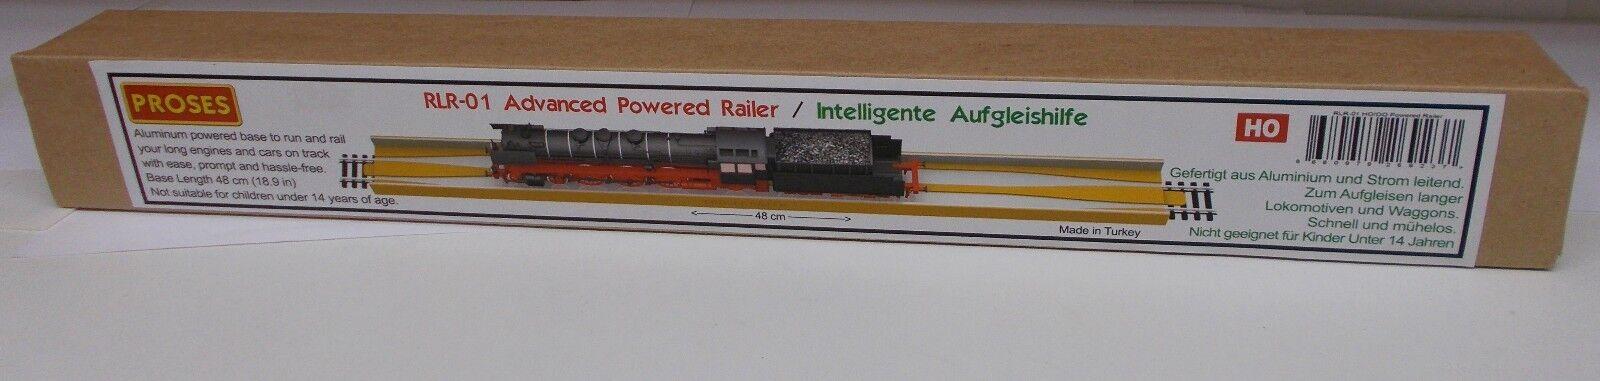 Prosas RLR-01 - Advanced Power Railer - New. (00 H0 Gauge)